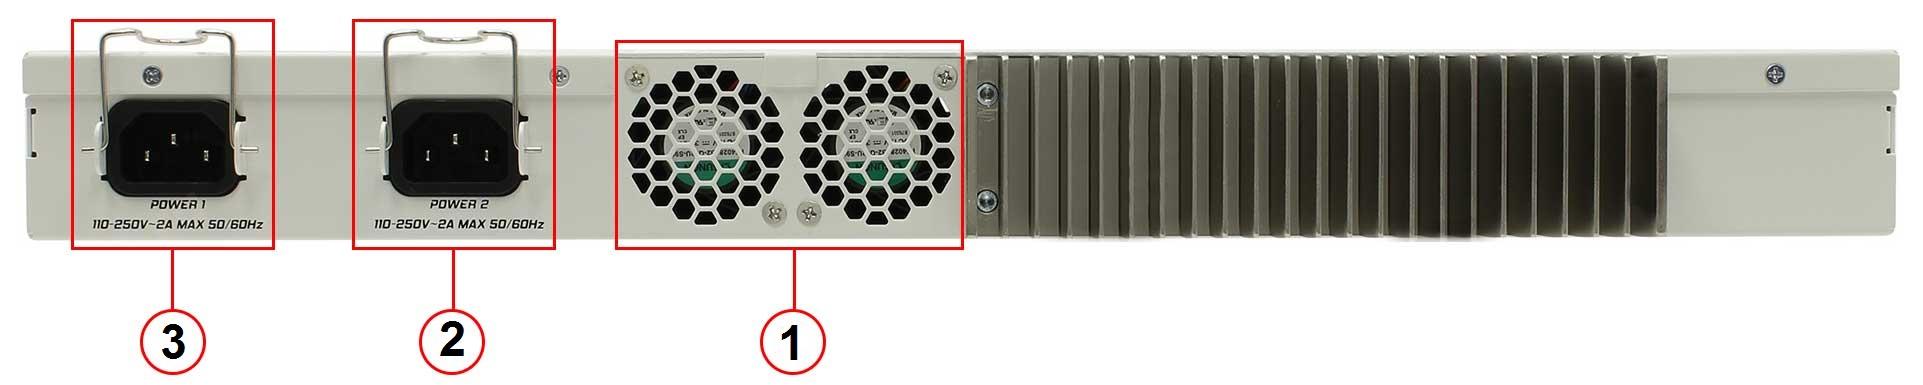 MIKROTIK CRS317-1G-16SRM-back-panel